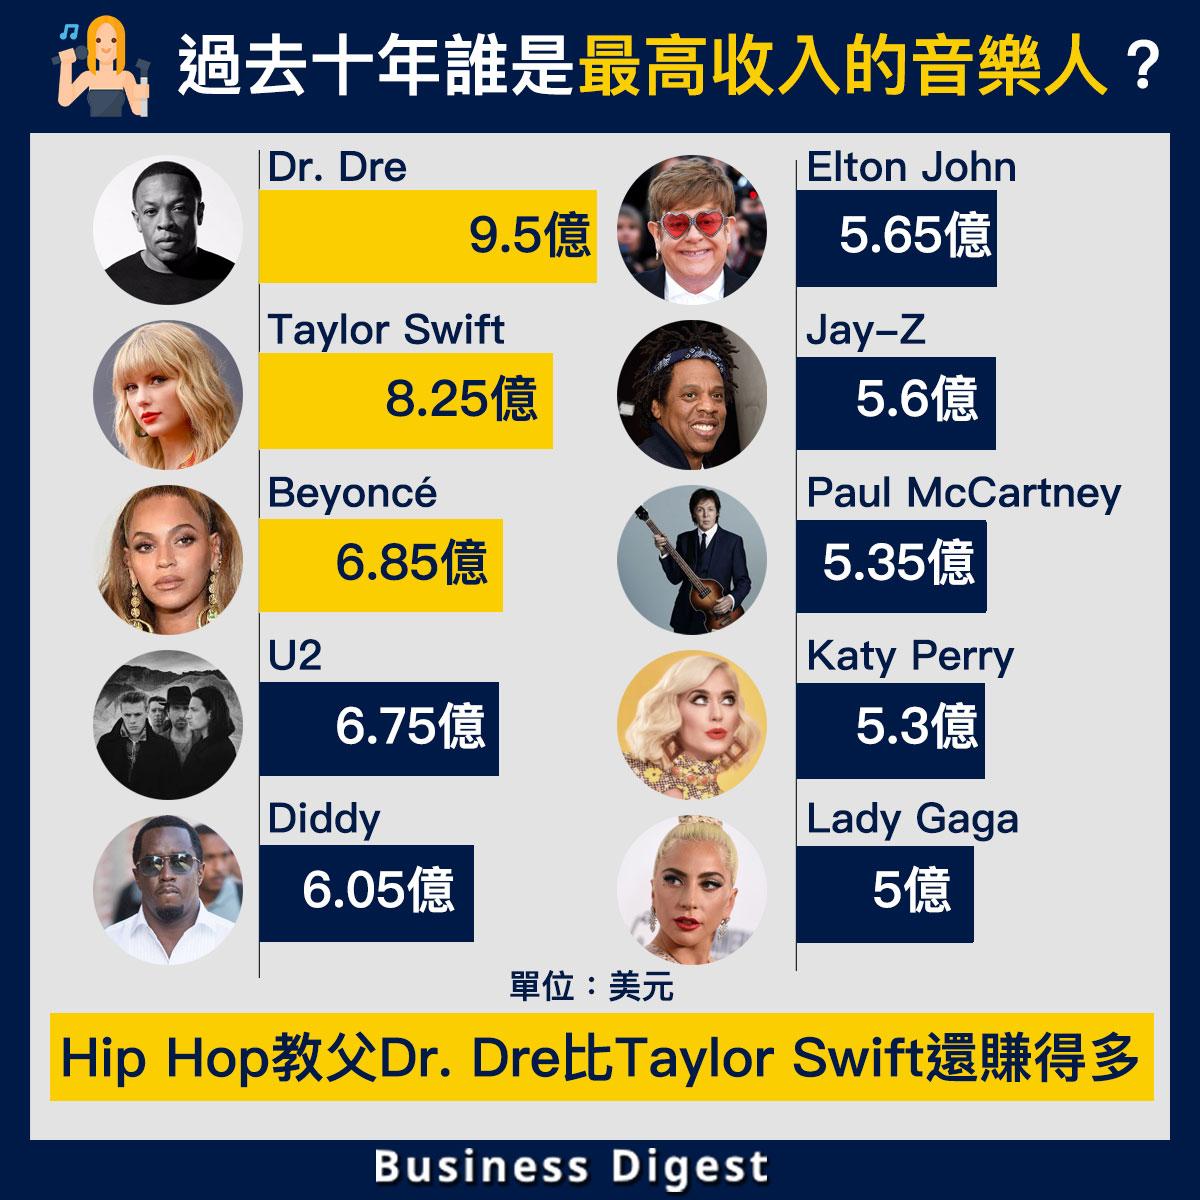 【從數據認識經濟】過去十年誰是最高收入的音樂人?